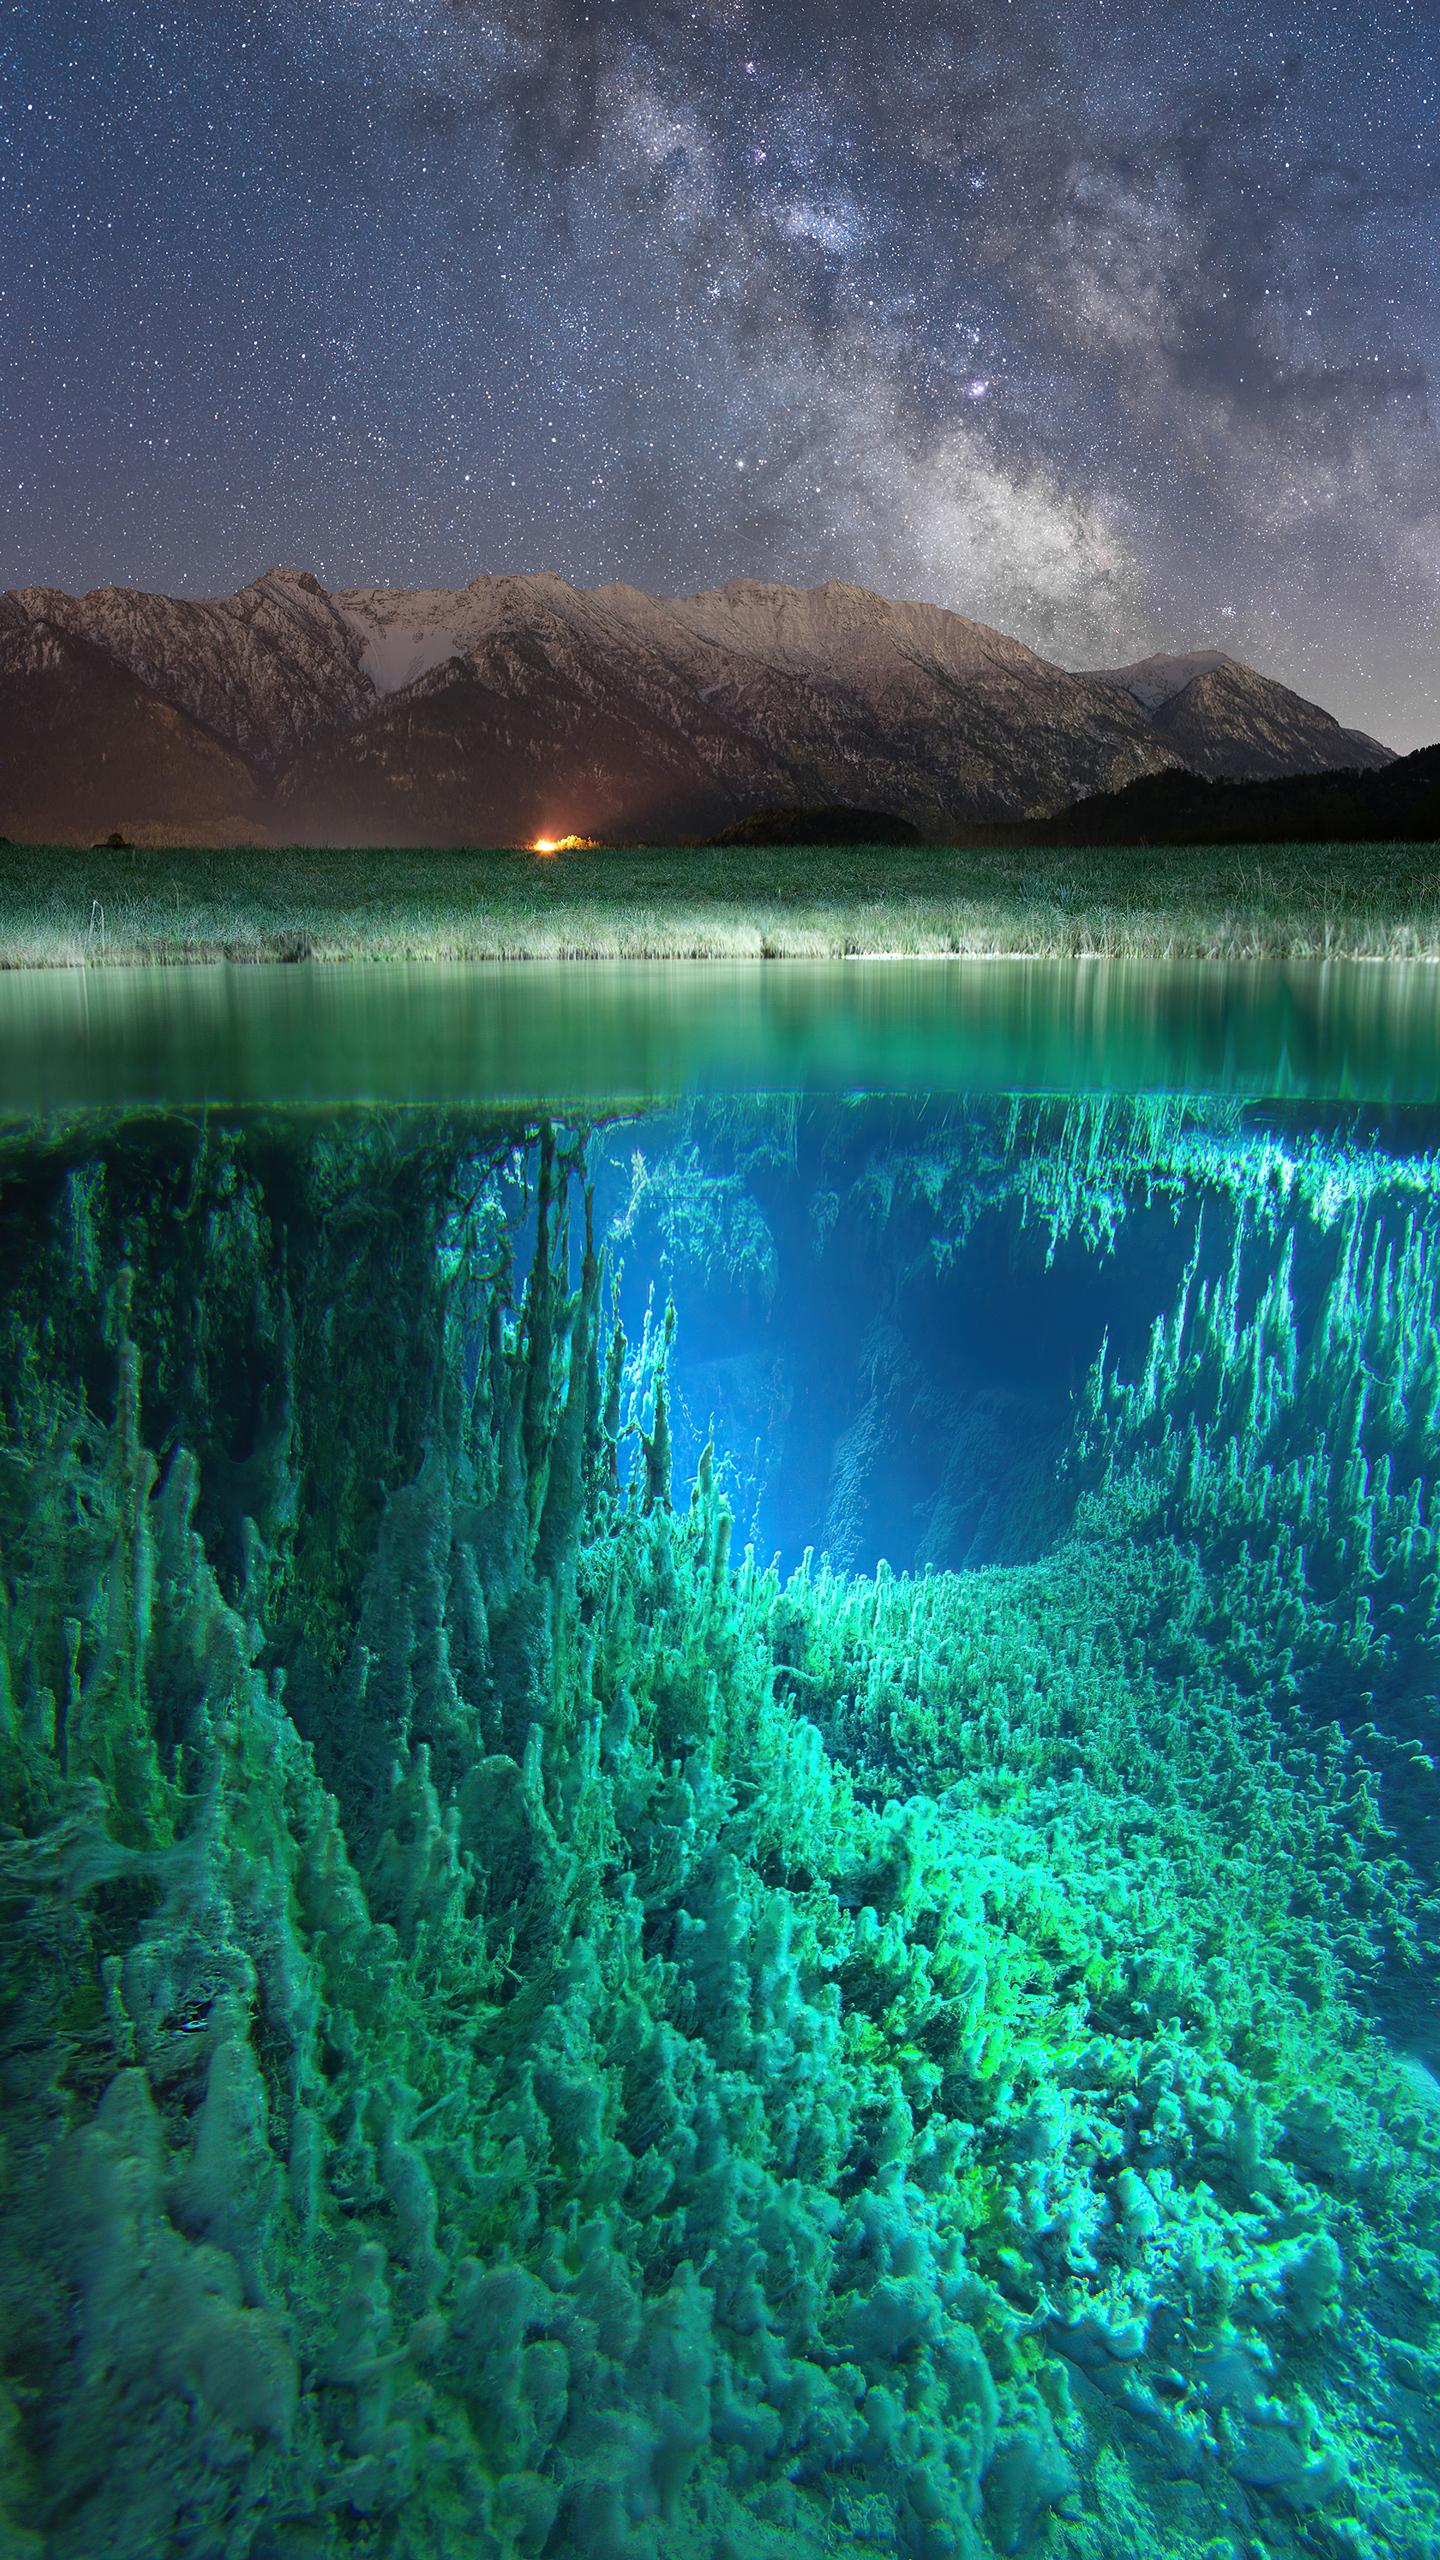 milkyway-underwater-4k-70.jpg